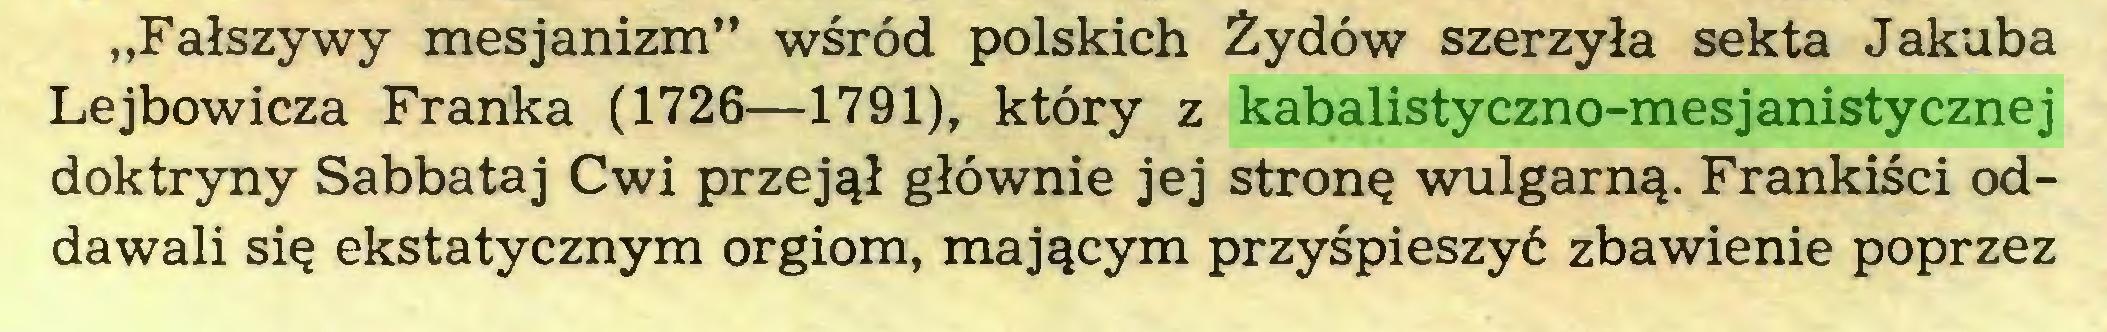 """(...) """"Fałszywy mesjanizm"""" wśród polskich Żydów szerzyła sekta Jakuba Lejbowicza Franka (1726—1791), który z kabalistyczno-mesjanistycznej doktryny Sabbataj Cwi przejął głównie jej stronę wulgarną. Frankiści oddawali się ekstatycznym orgiom, mającym przyśpieszyć zbawienie poprzez..."""